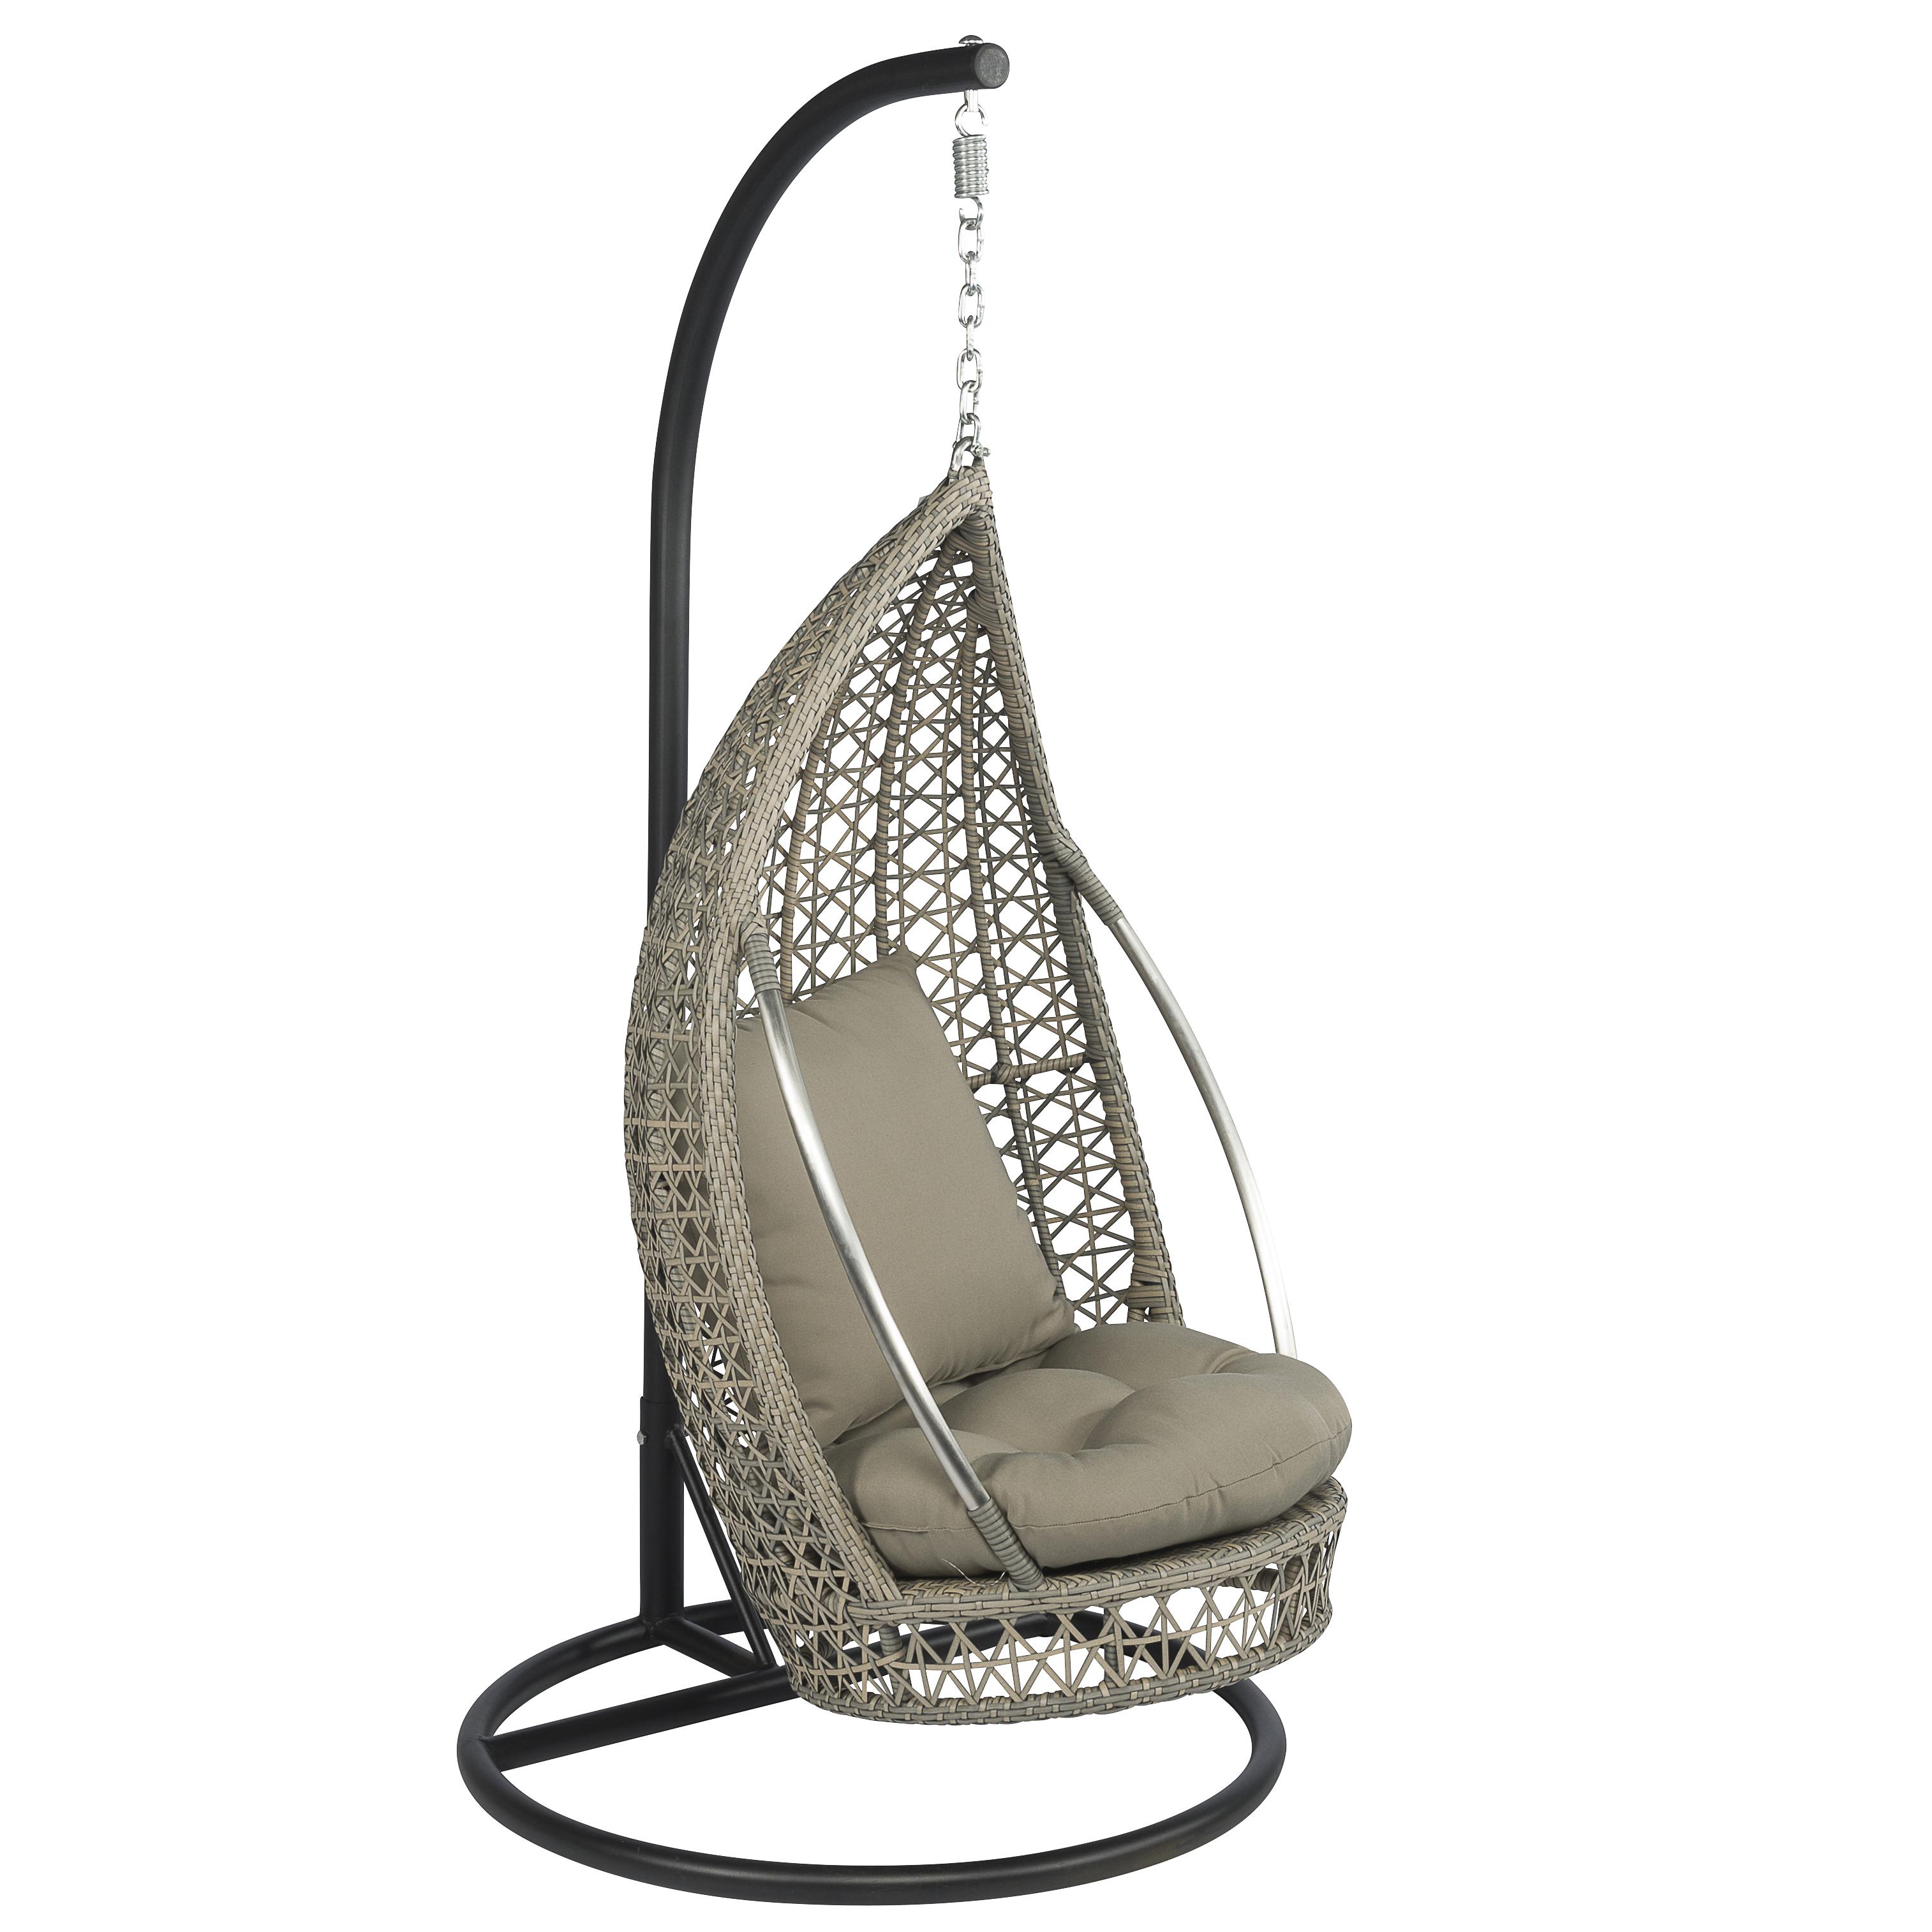 Hangstoel Druppel wicker naturel